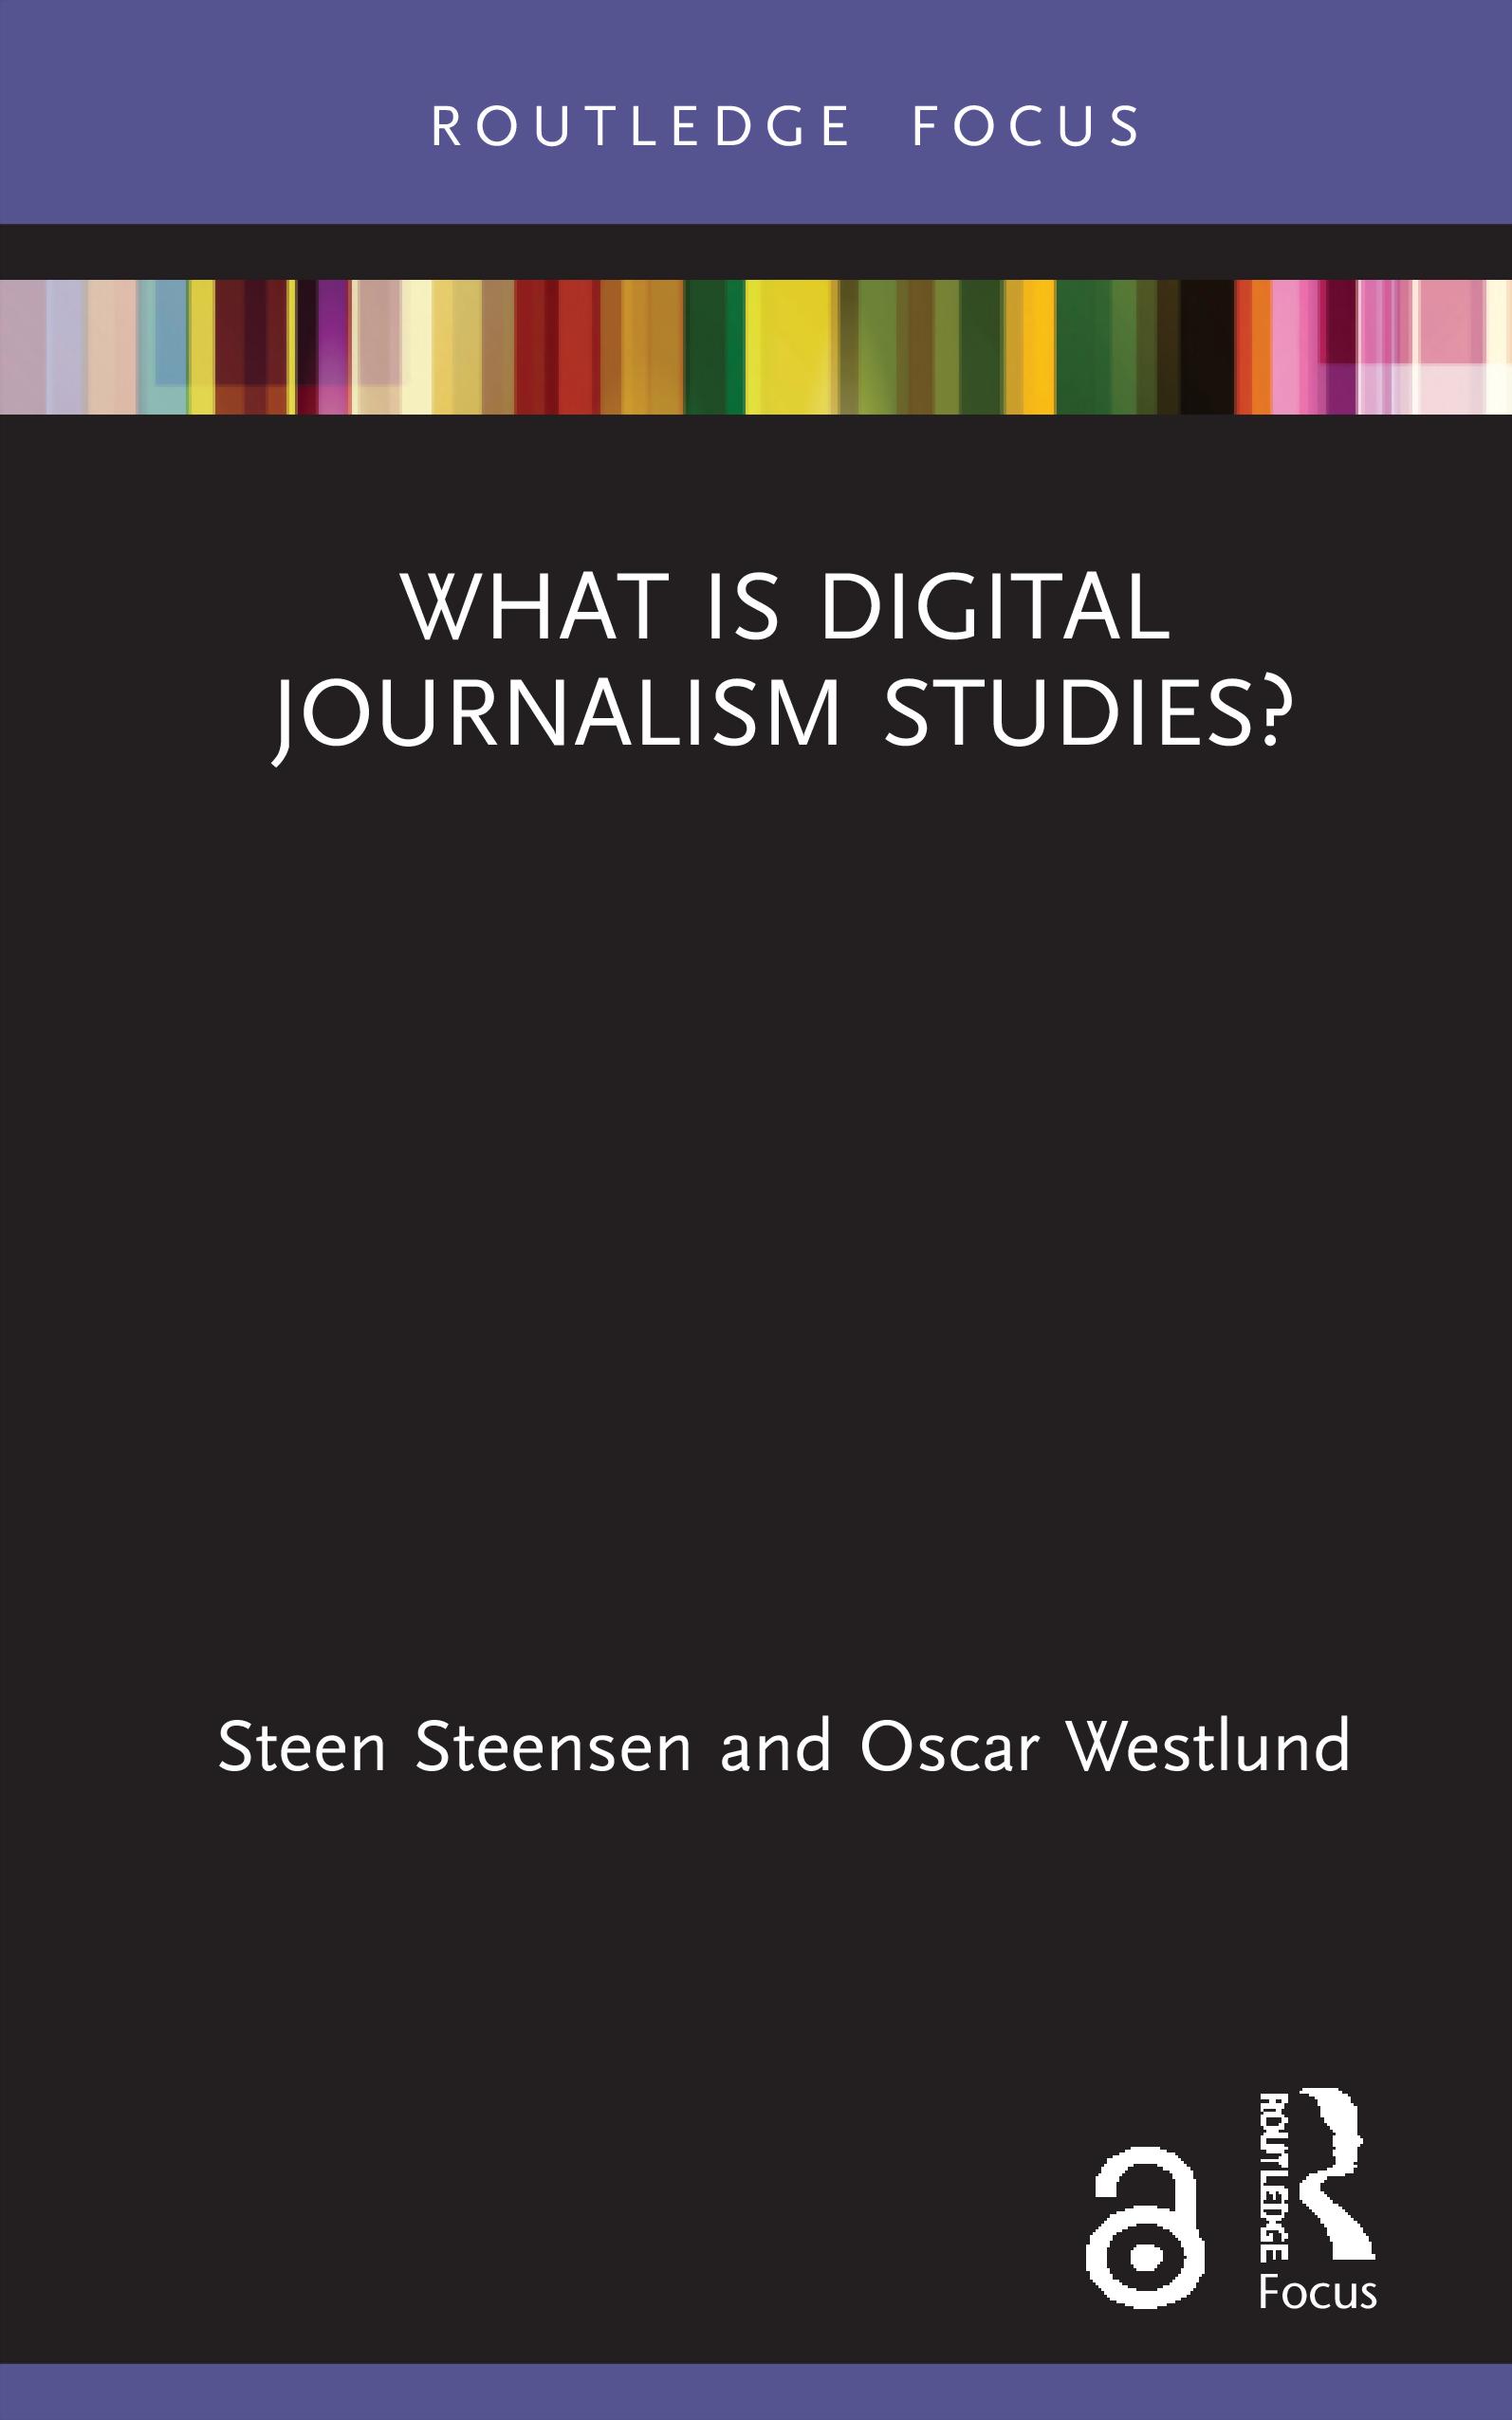 What is Digital Journalism Studies?